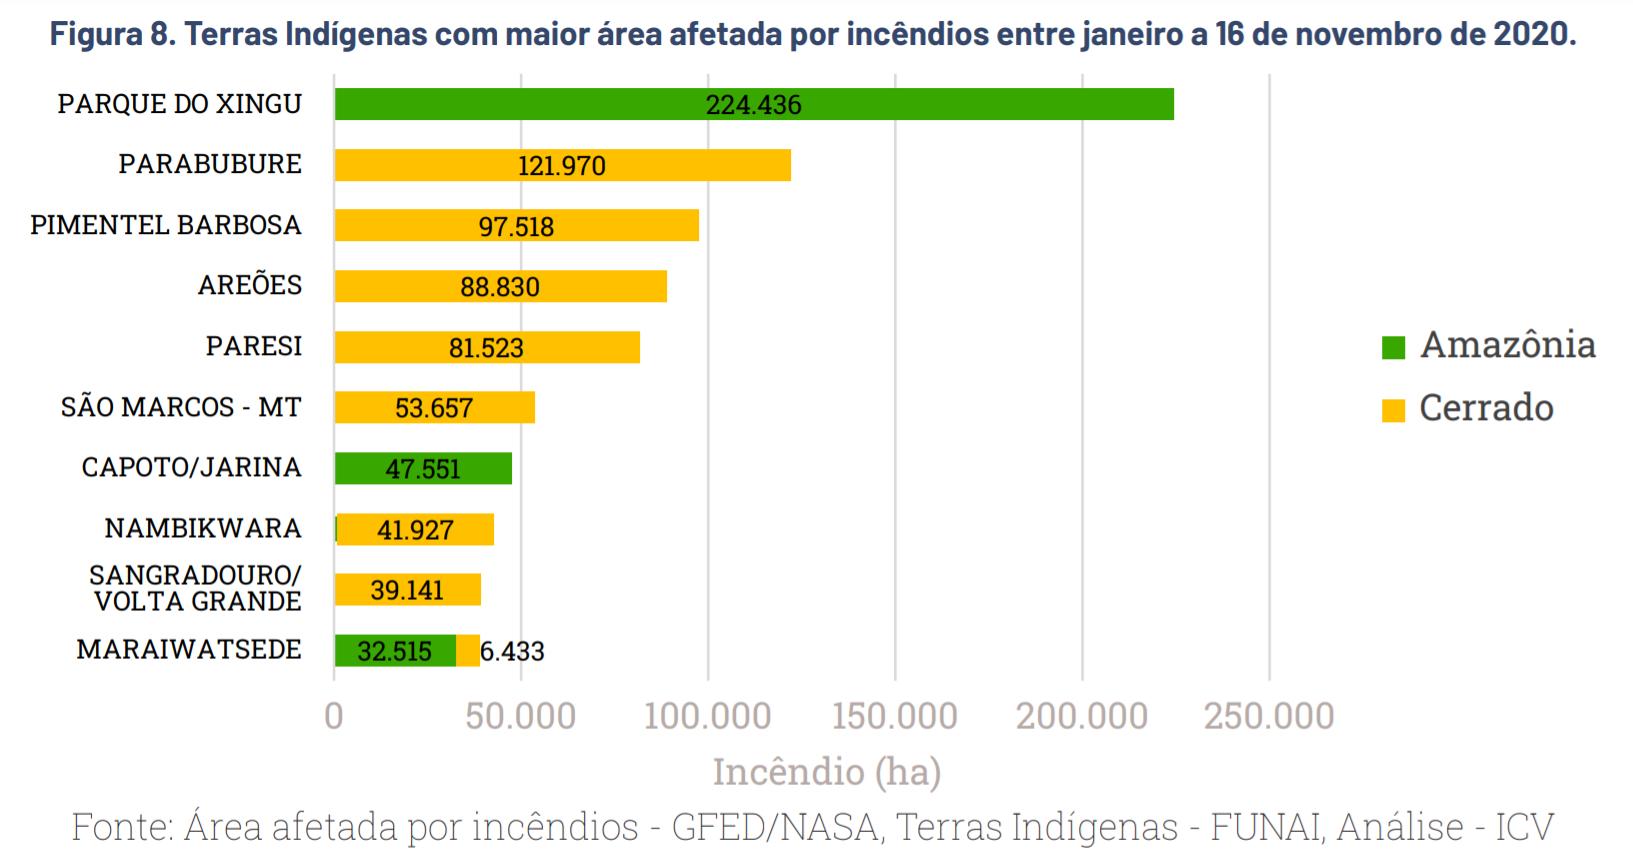 Terras Indígenas (TIs), tiveram 1,3 milhão de hectares atingidos pelo fogo em Mato Grosso (Gráfico/ICV)